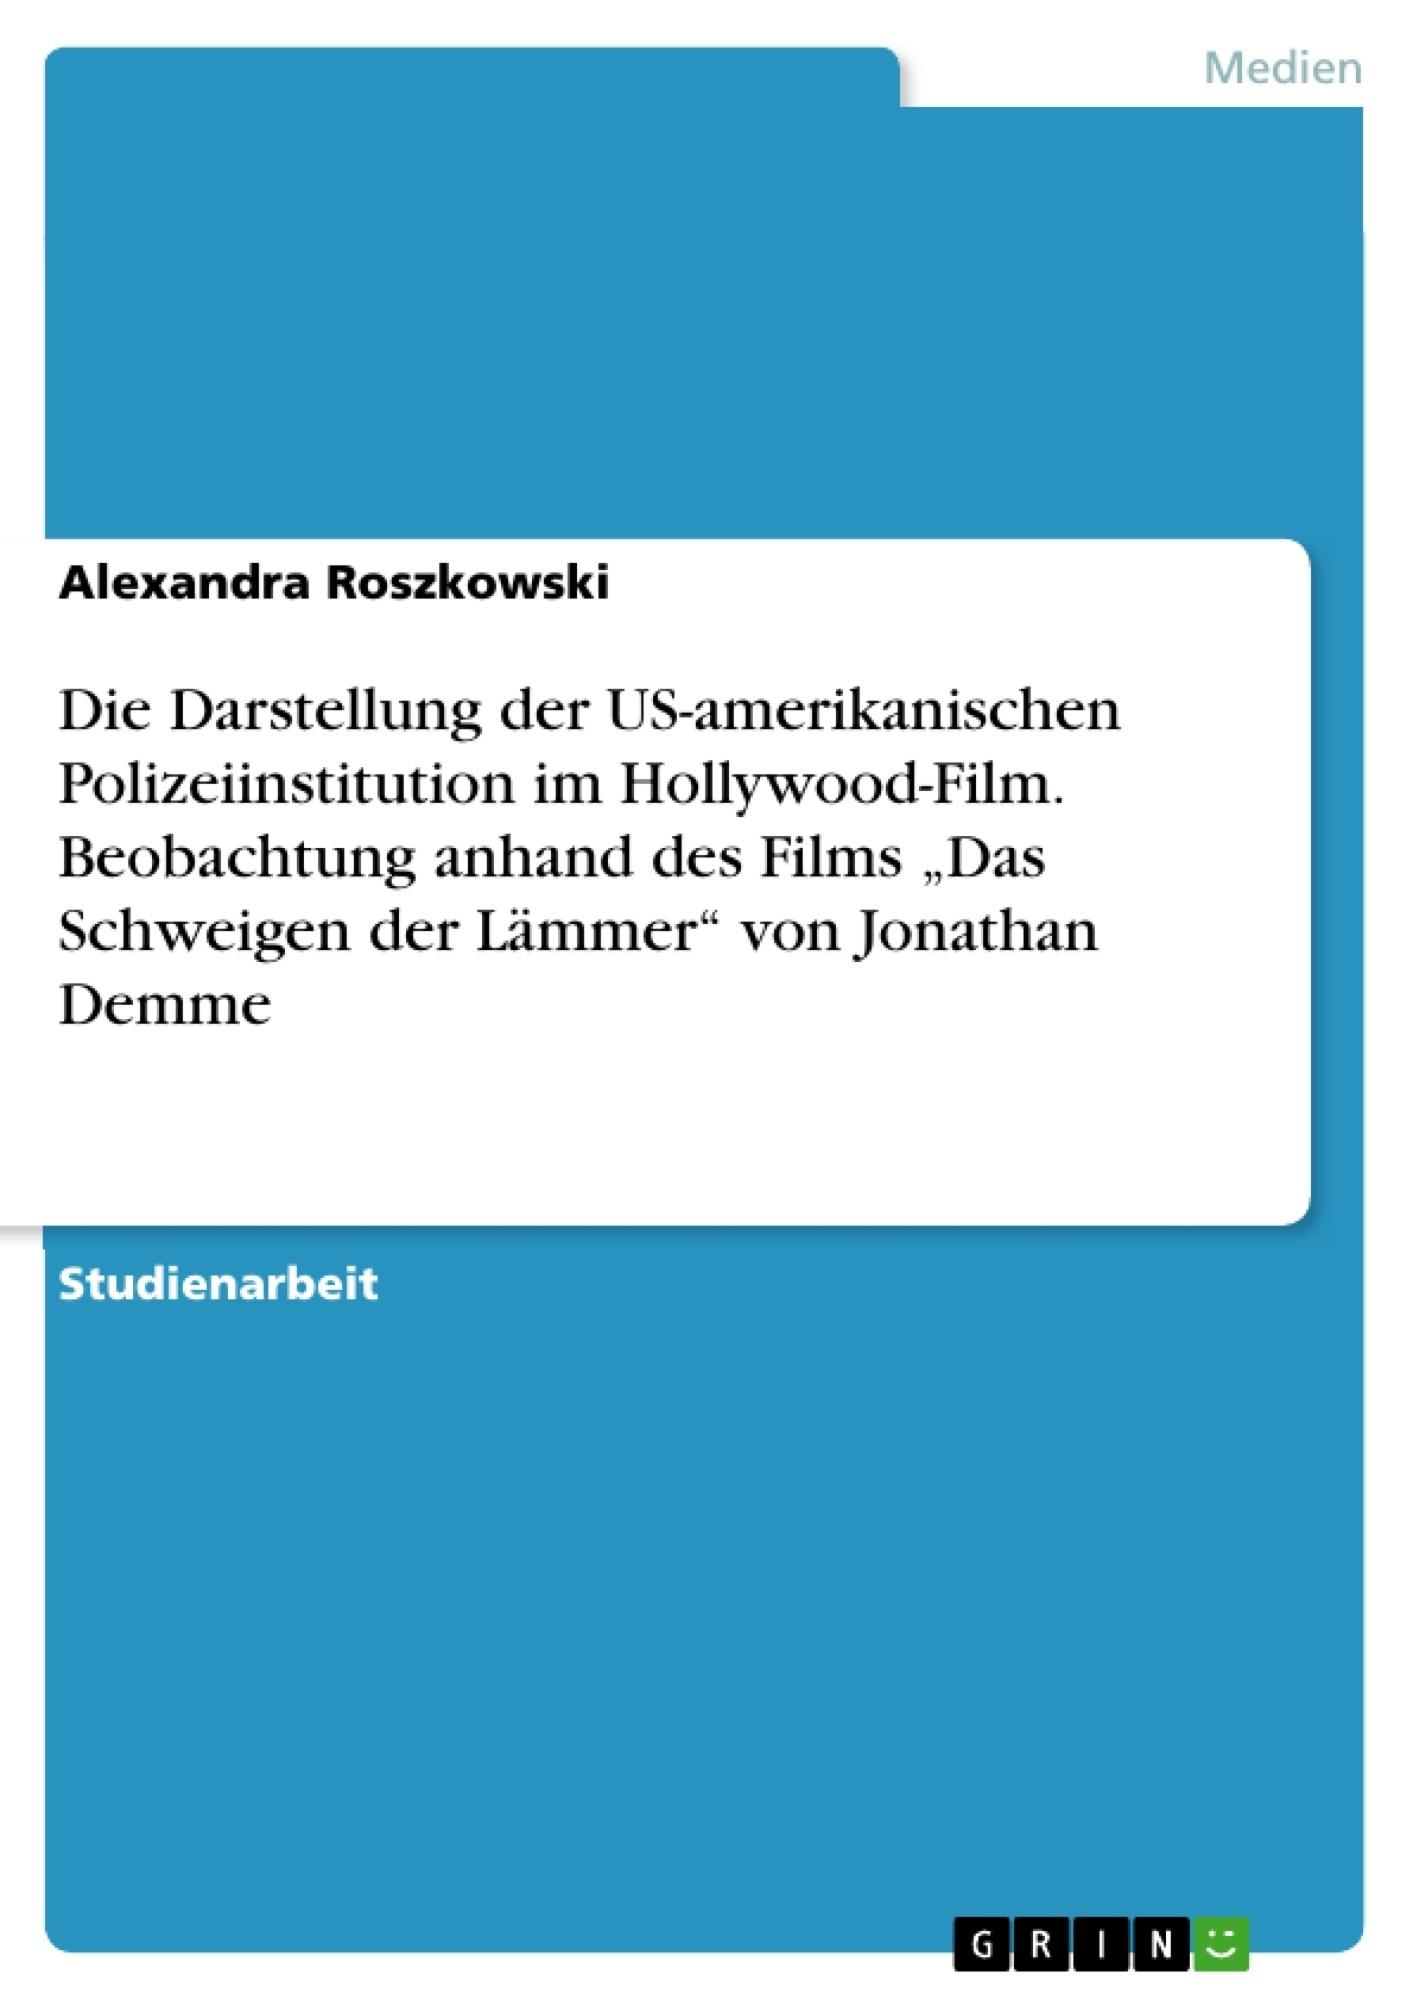 """Titel: Die Darstellung der US-amerikanischen Polizeiinstitution im Hollywood-Film. Beobachtung anhand des Films """"Das Schweigen der Lämmer"""" von Jonathan Demme"""